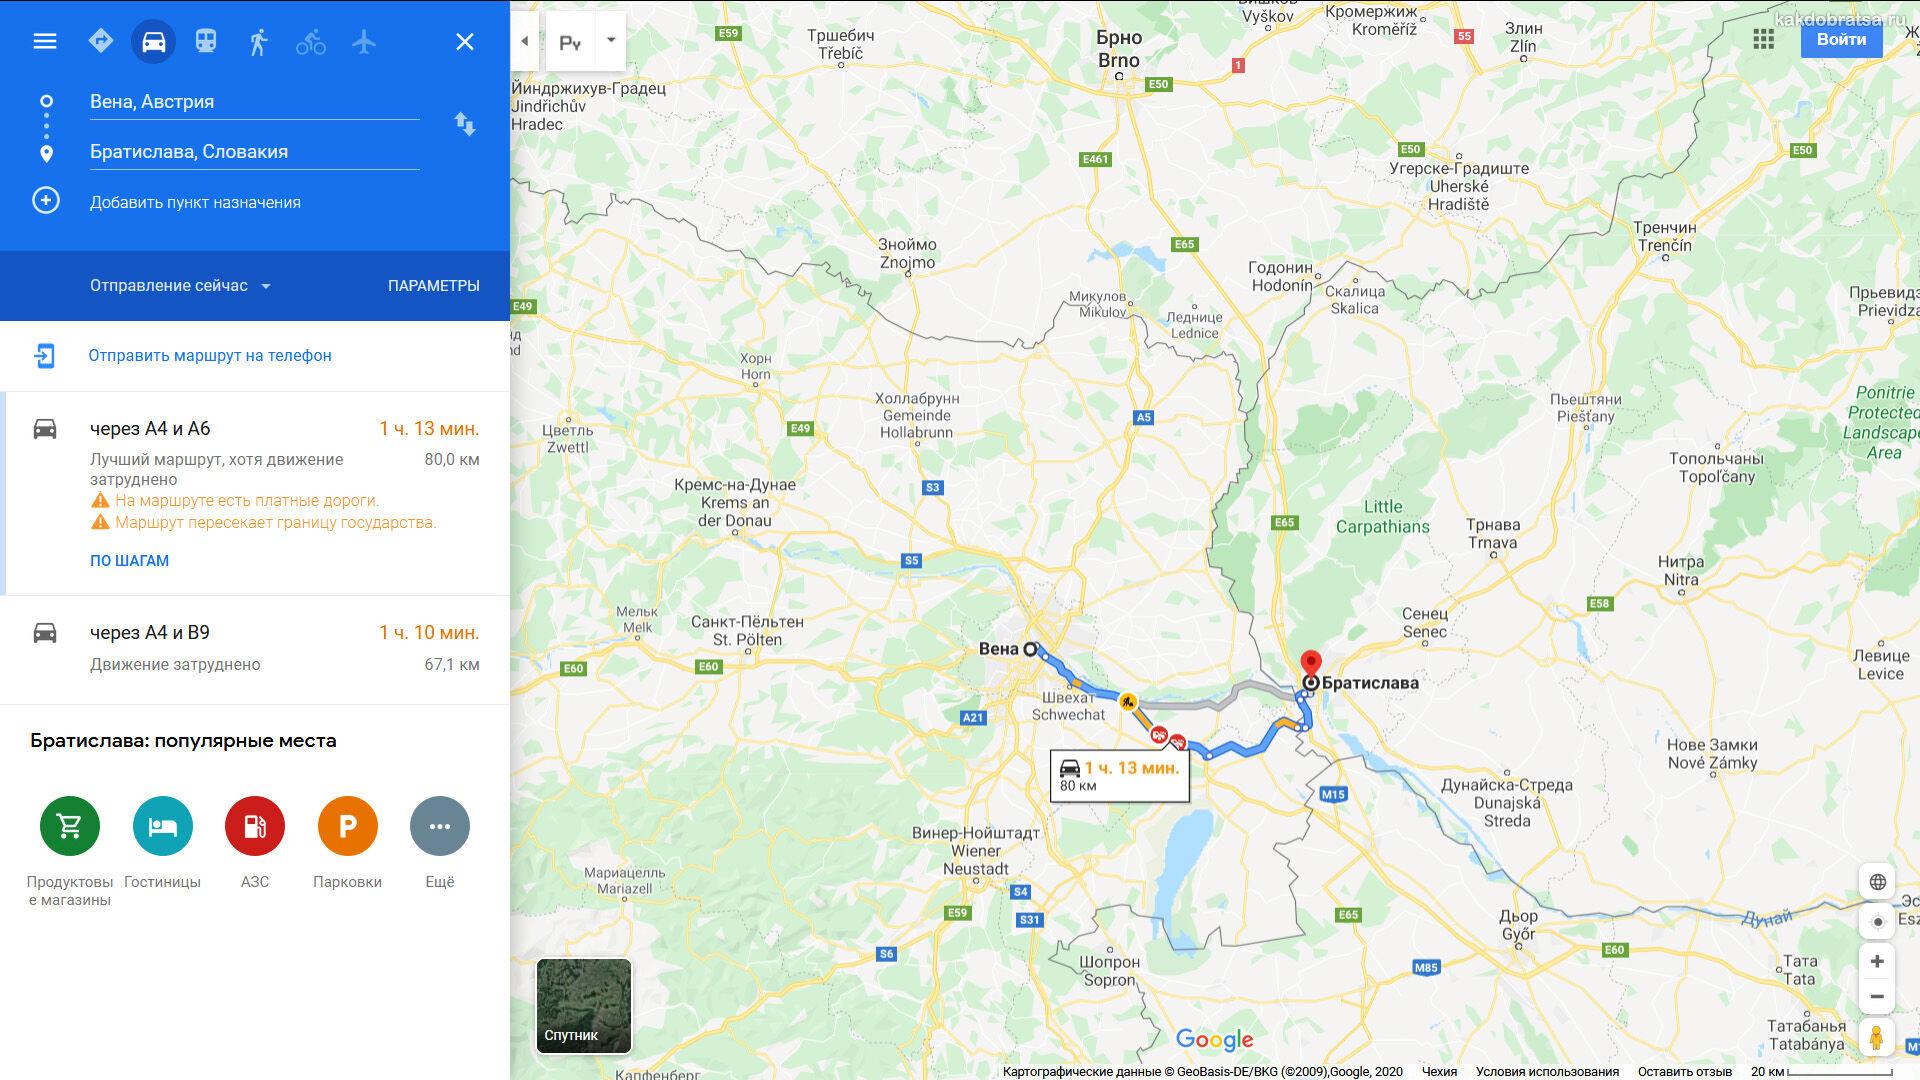 Вена Братислава карта, расстояние и время в пути